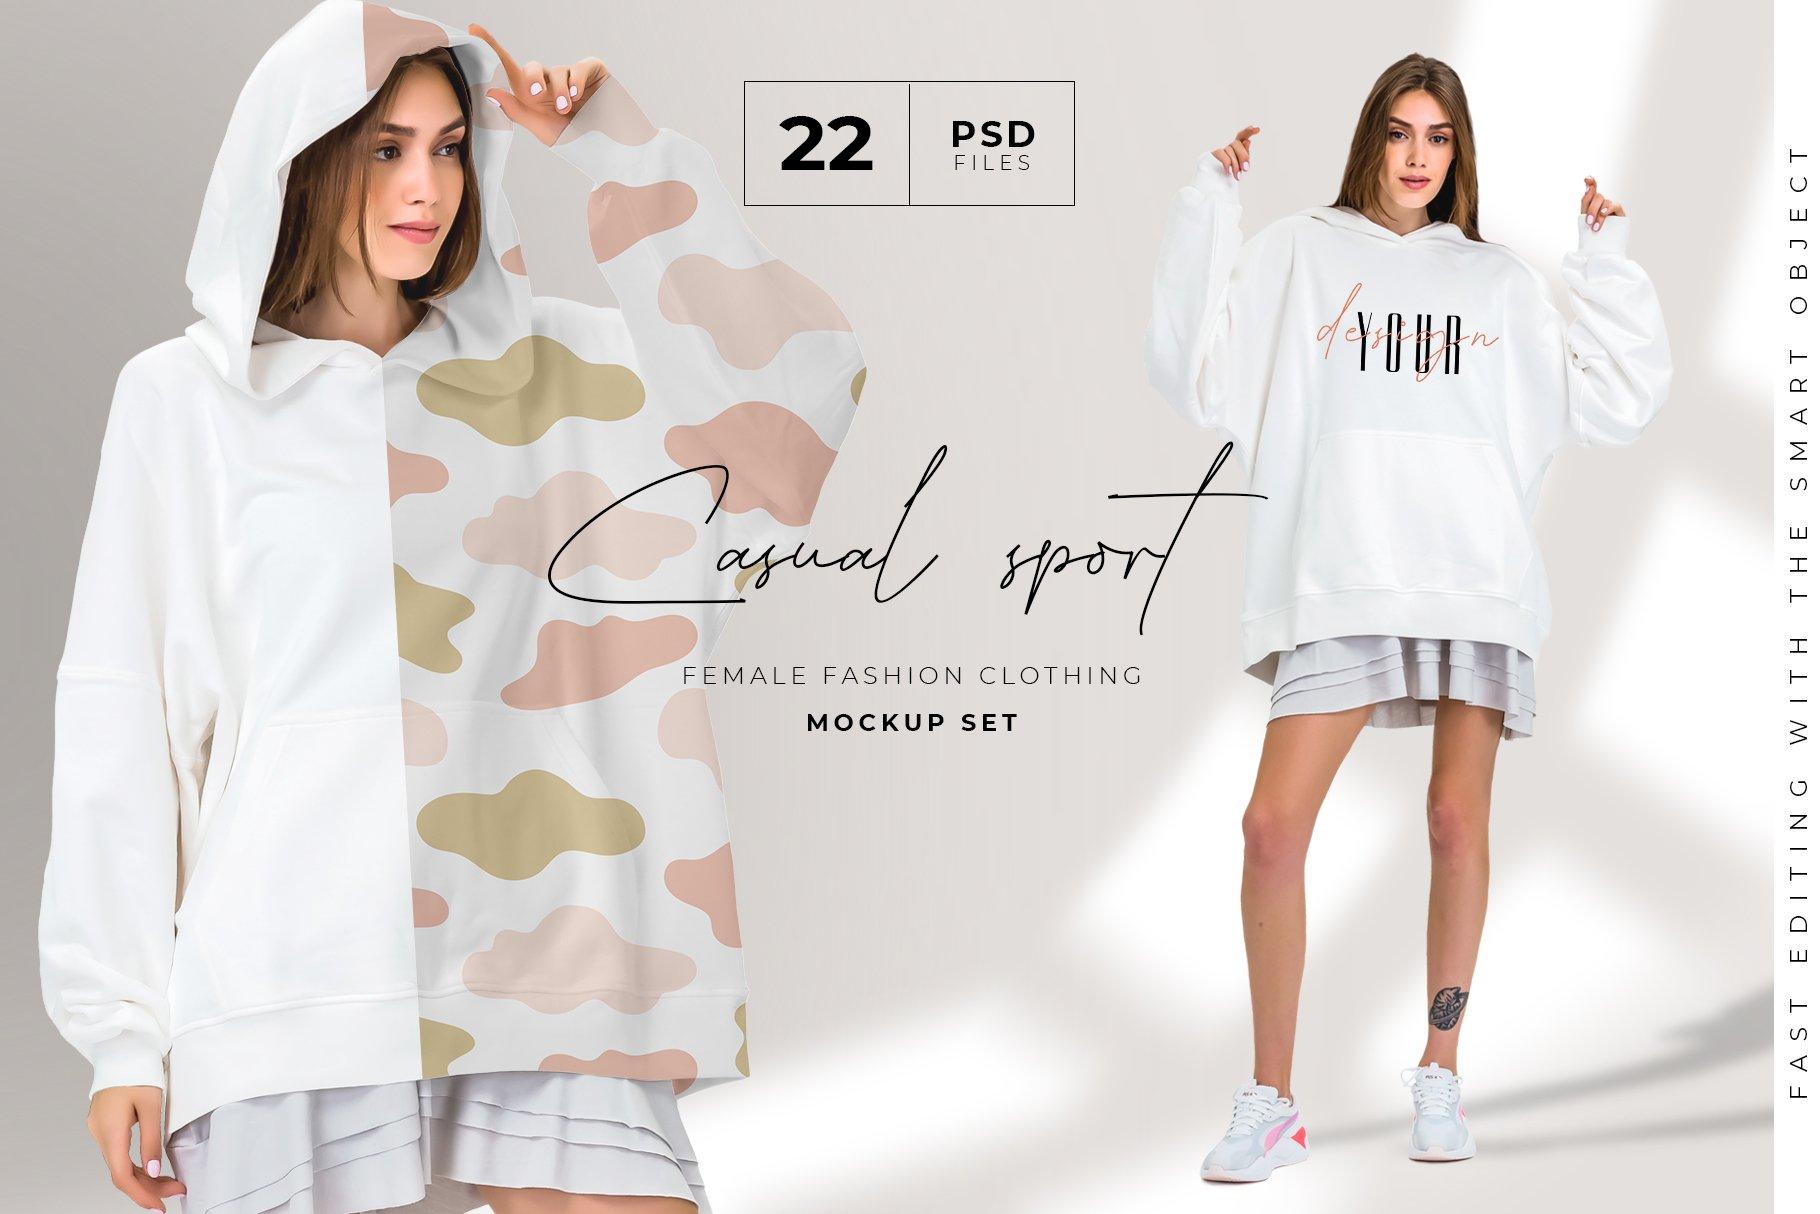 超大女式连衣帽卫衣印花图案设计展示贴图样机模板 Oversize Hoodie Mockup Templates插图